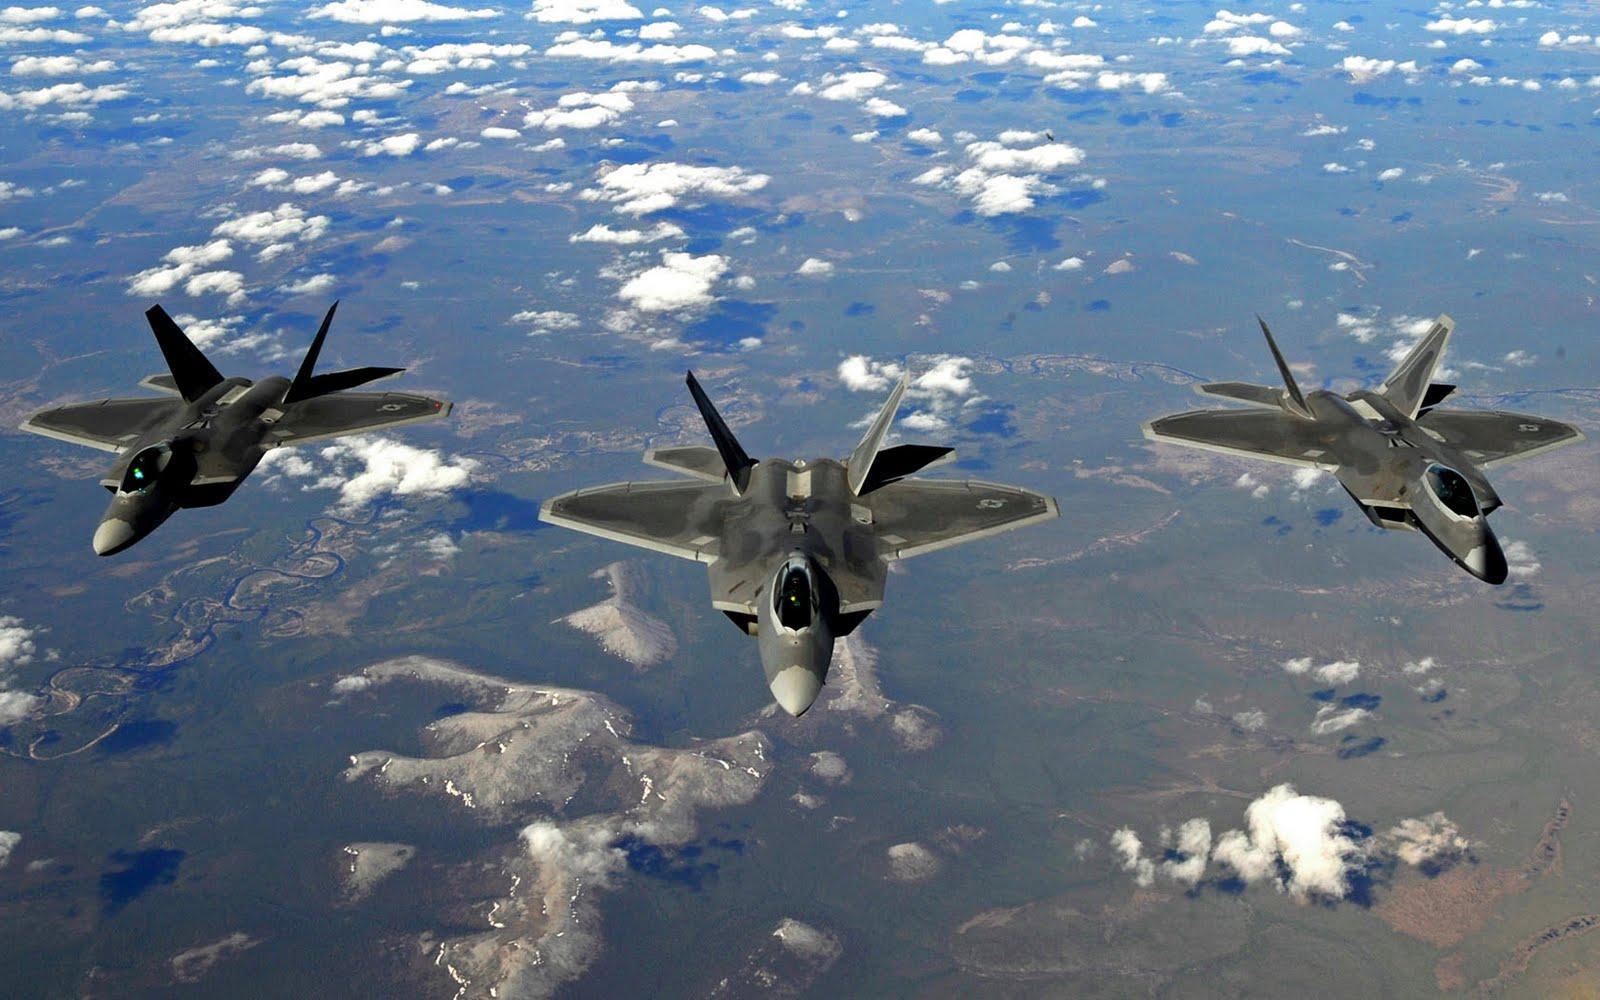 http://1.bp.blogspot.com/_8_4GnCTp578/TA0U14gmSgI/AAAAAAAABYY/HmDTh7gRg1U/s1600/ThreeShipRaptors.jpg